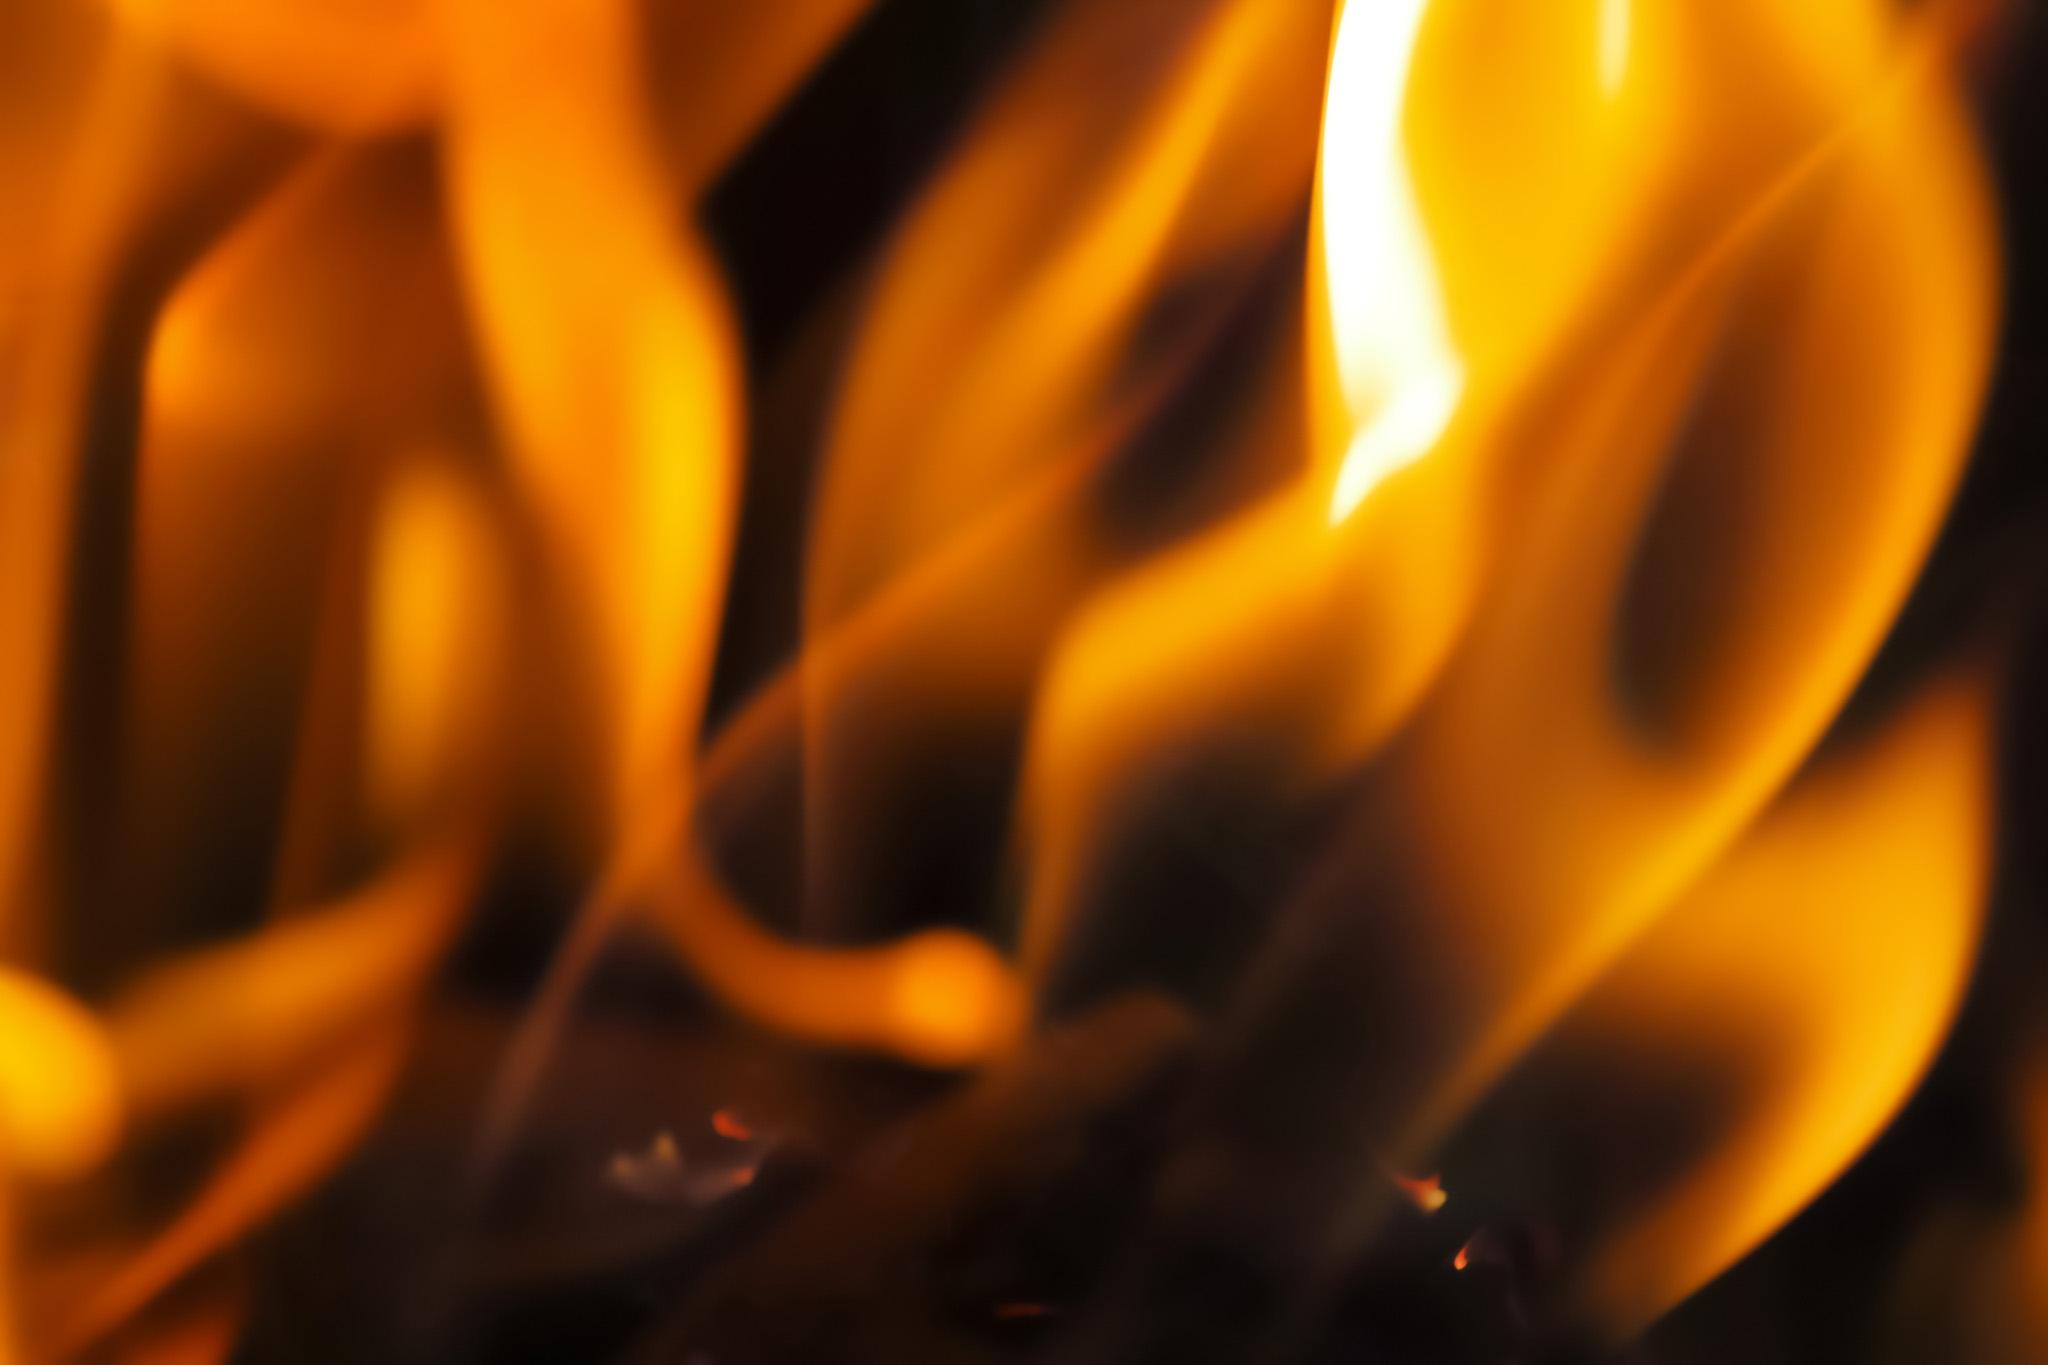 「赫々と燃える炎のテクスチャ」